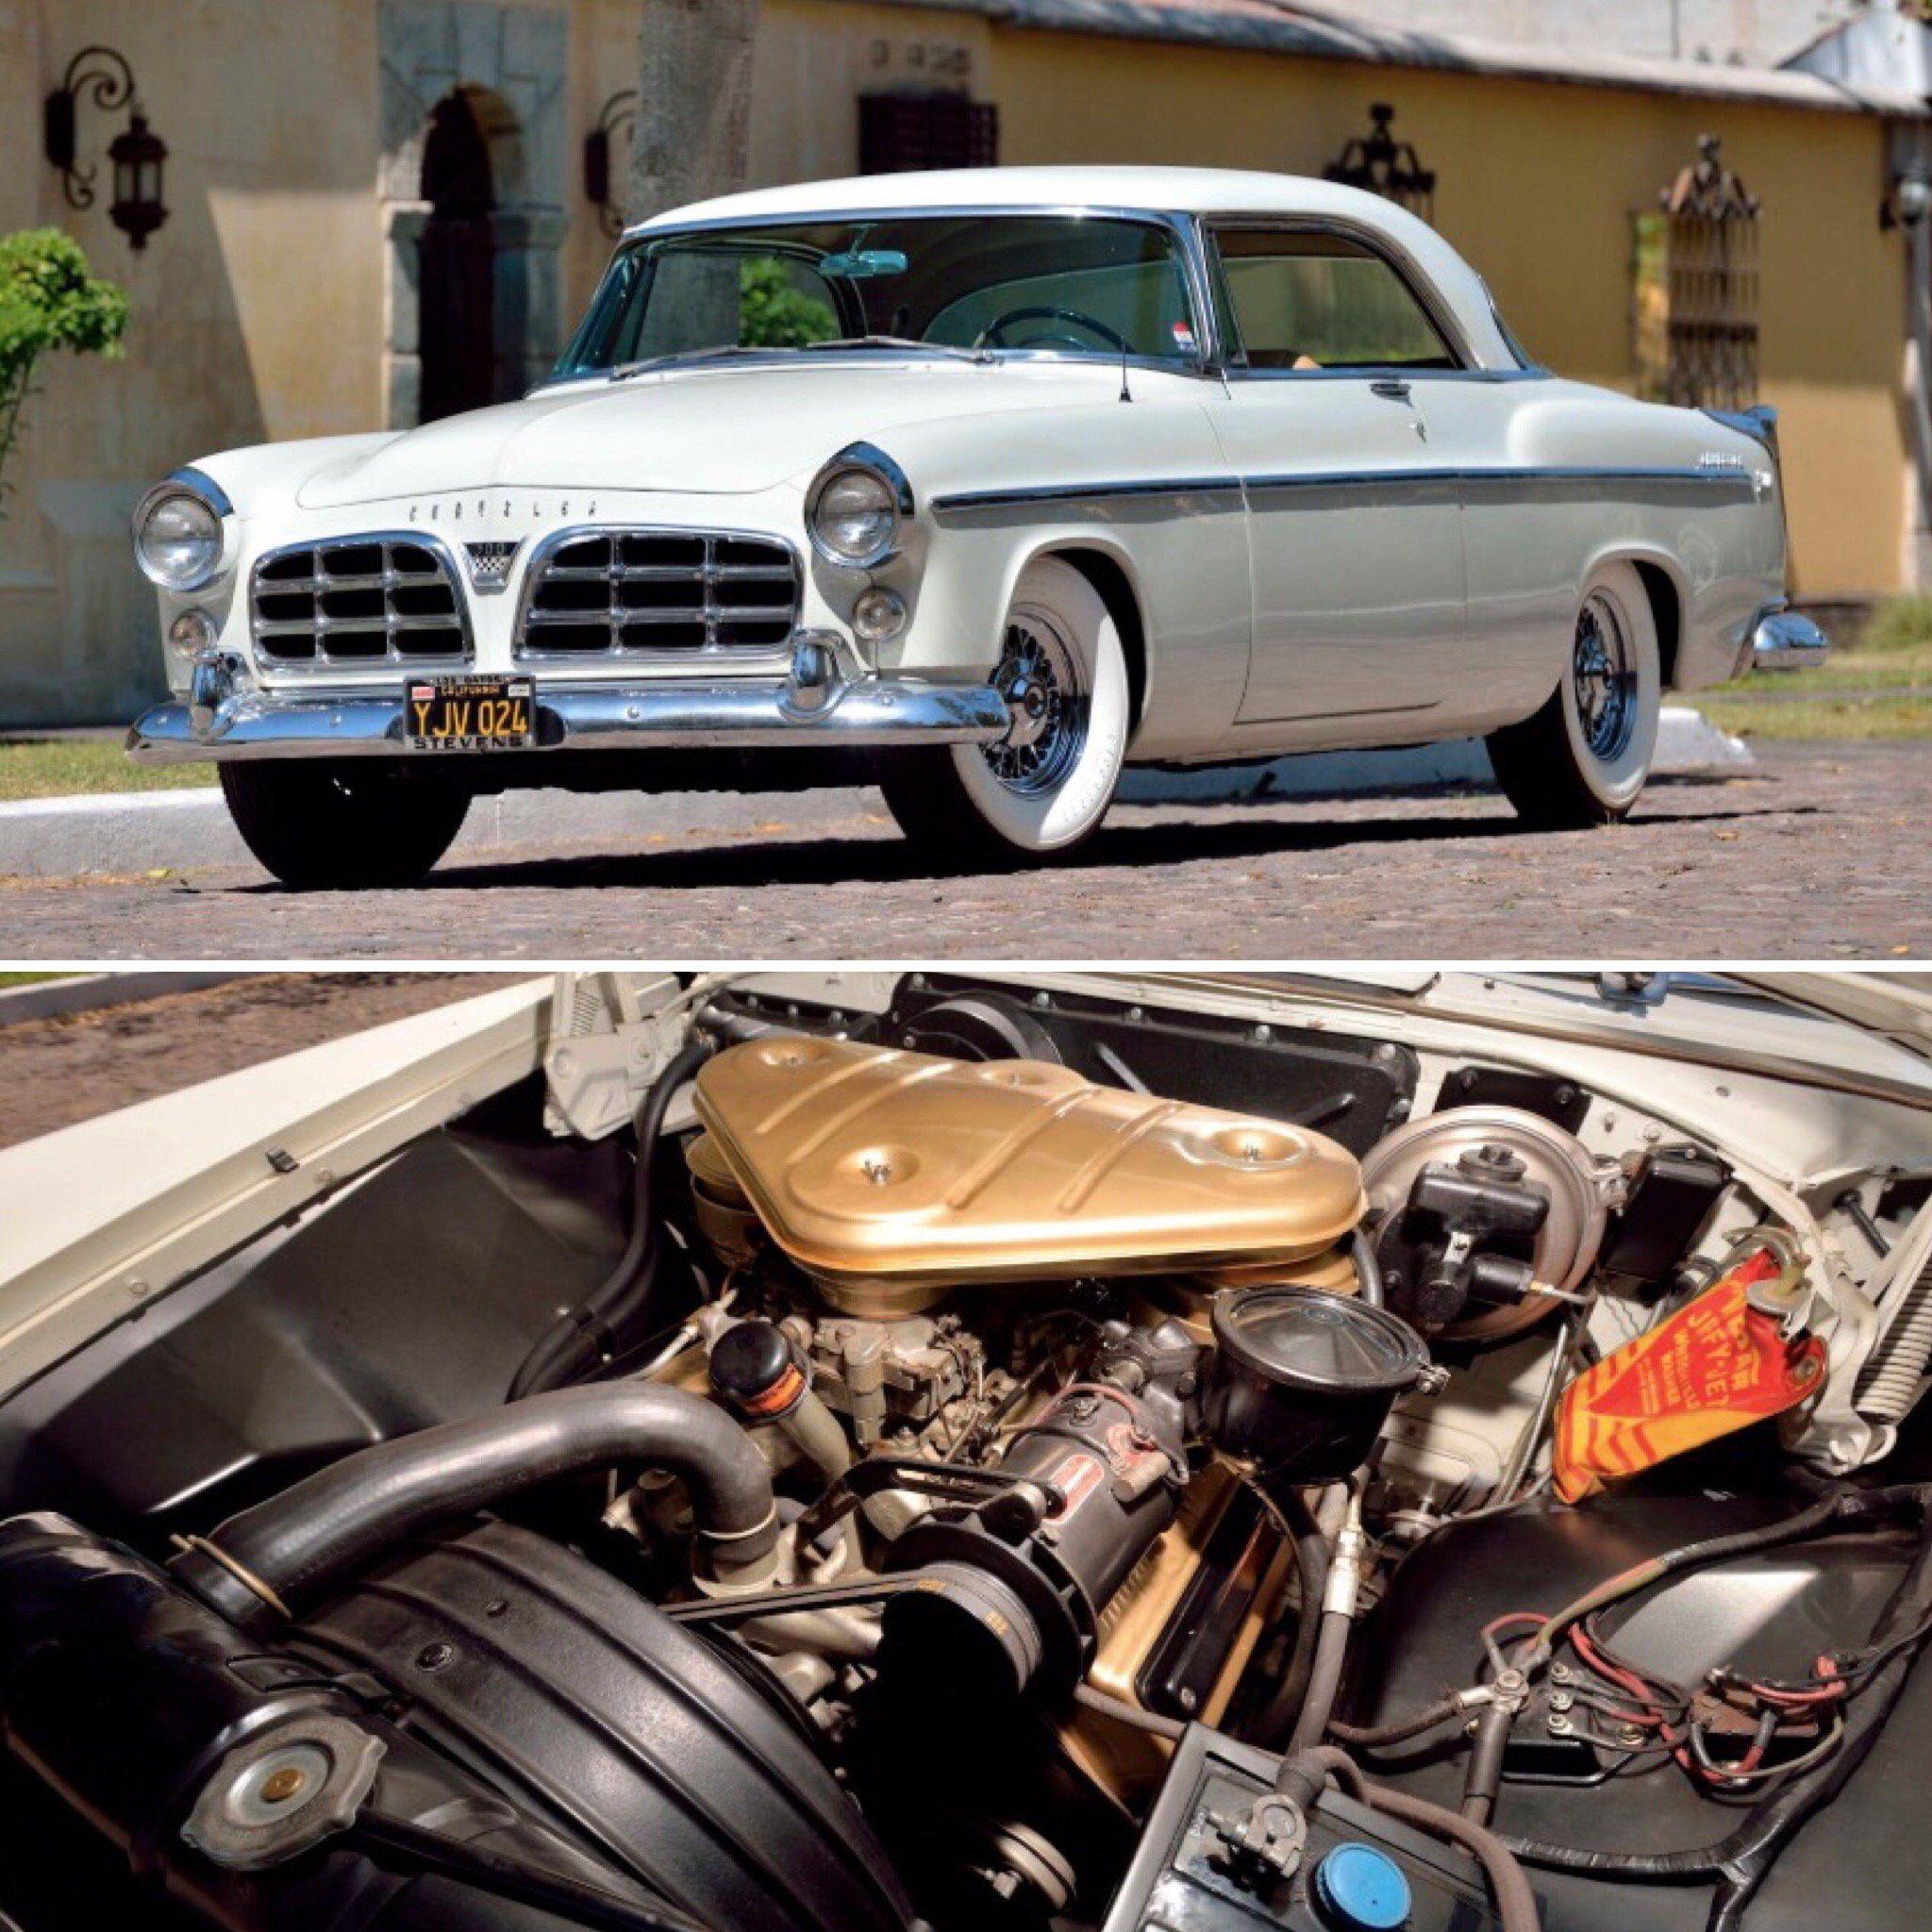 ボード「old cars」のピン